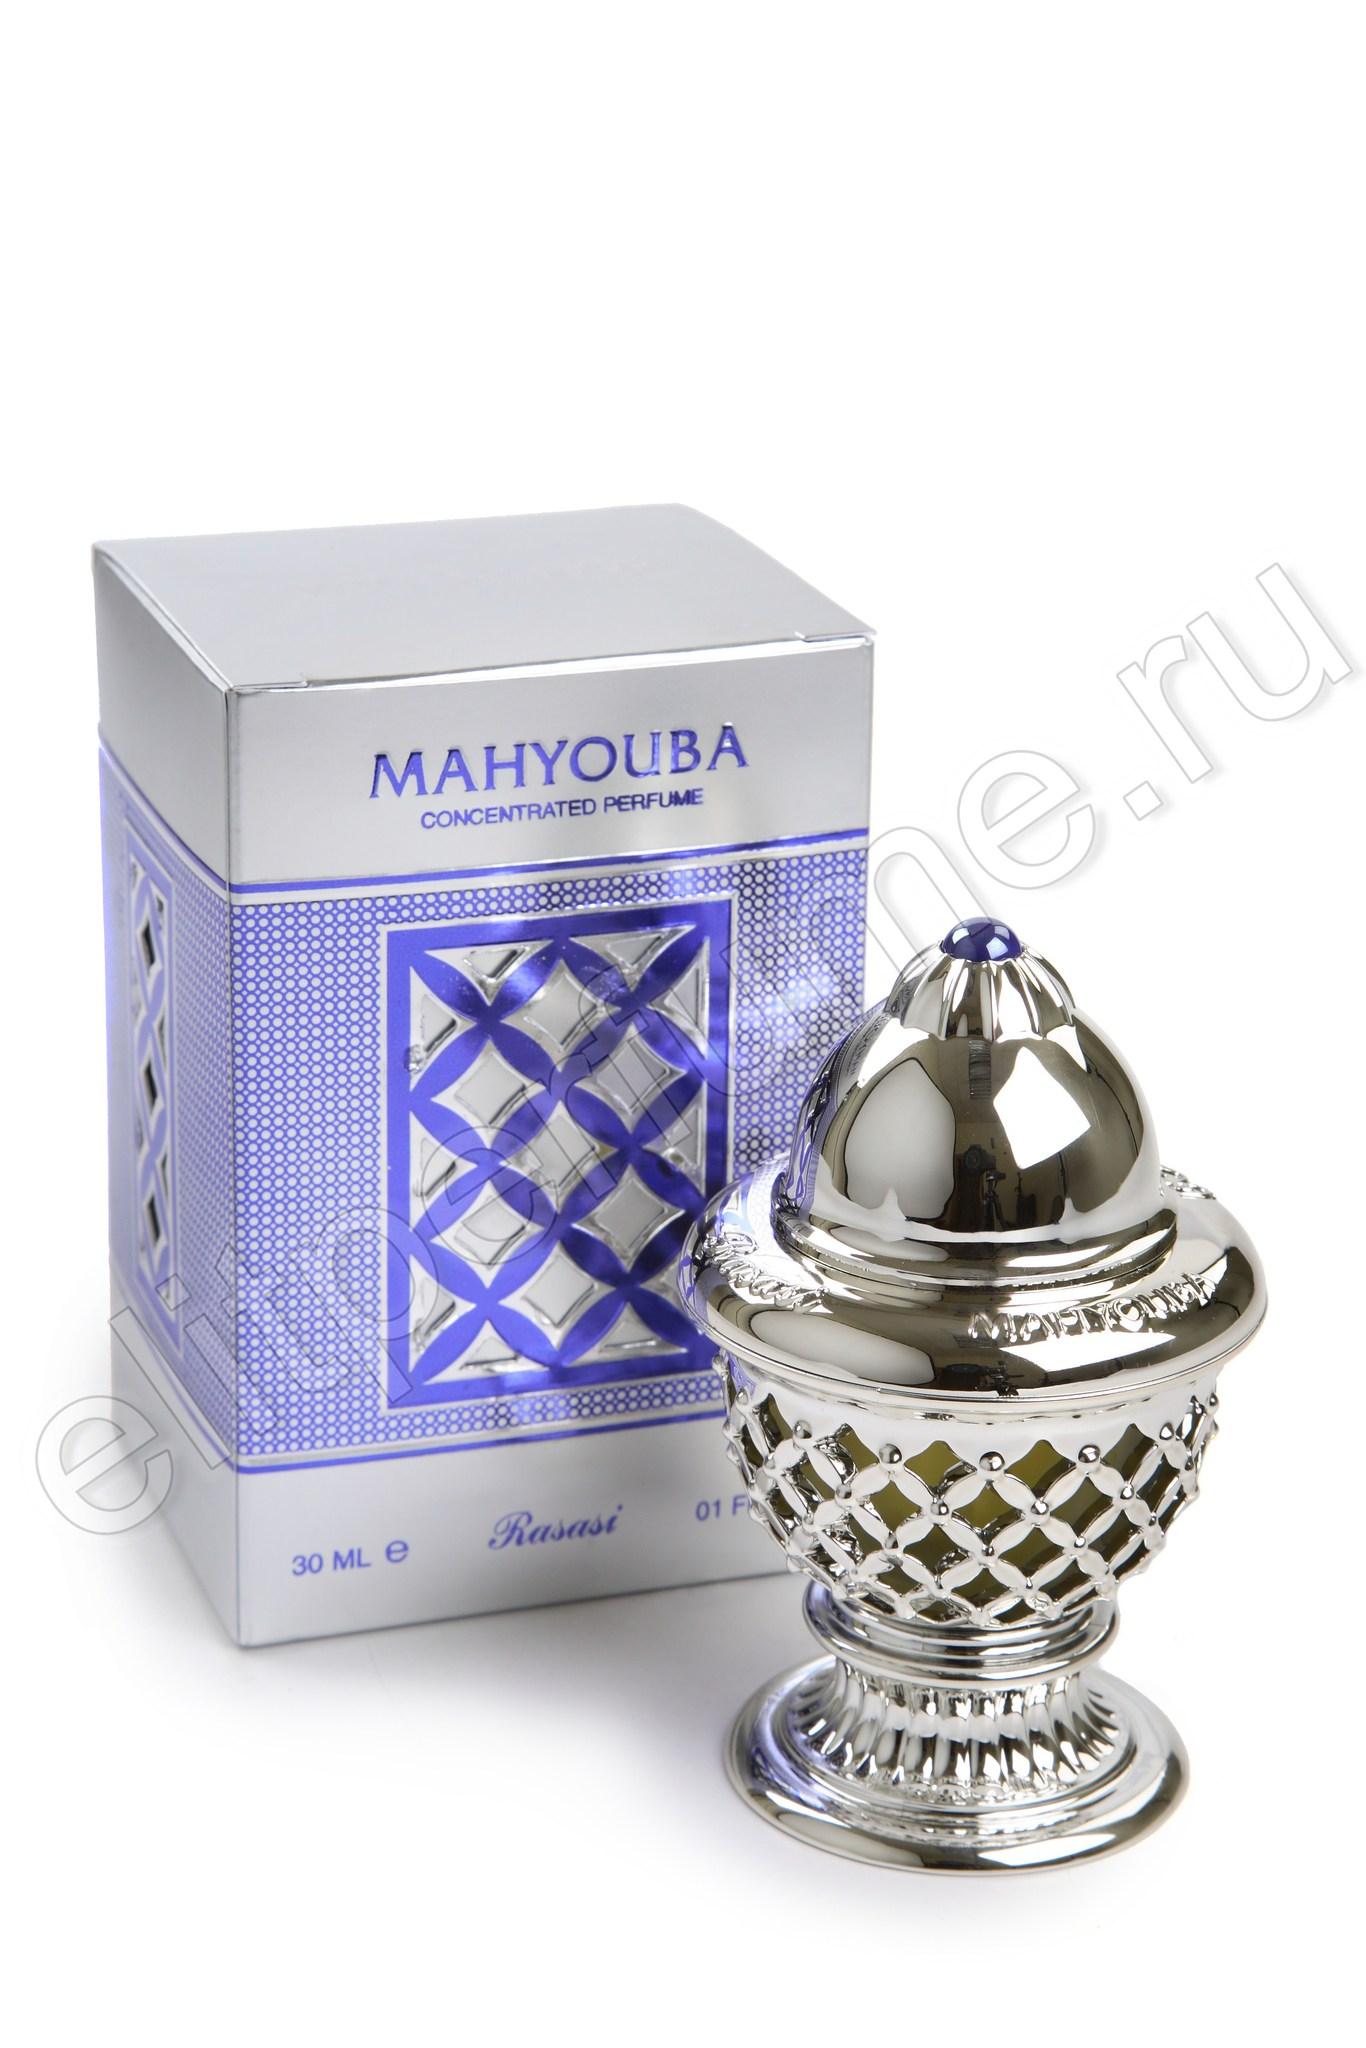 Пробники для арабских духов Маюба Mahyouba 1 мл арабские масляные духи от Расаси Rasasi Perfumes